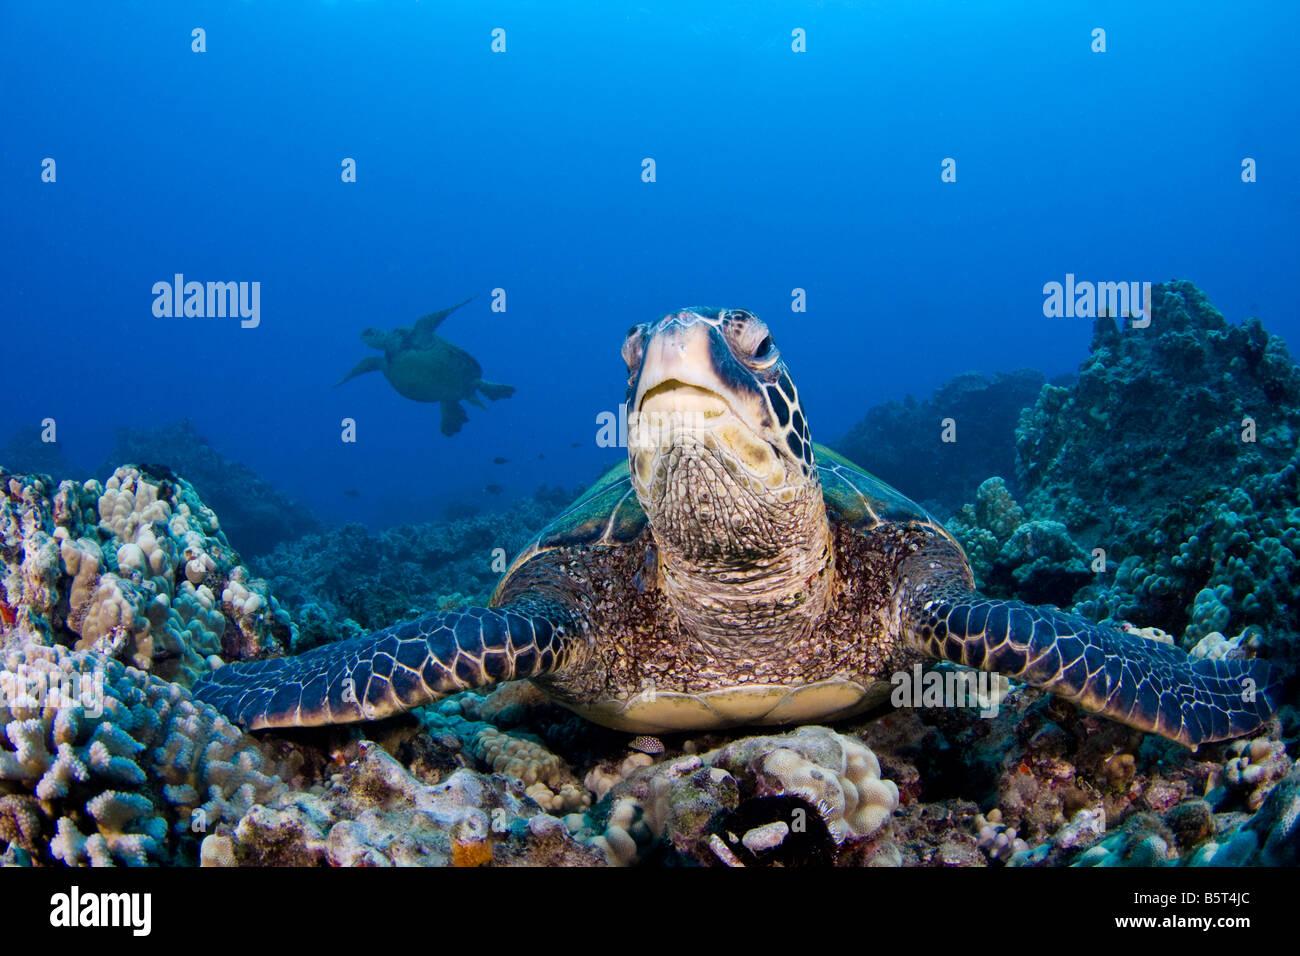 Les tortues de mer verte, Chelonia mydas, une espèce en voie de disparition, à Hawaï. Banque D'Images